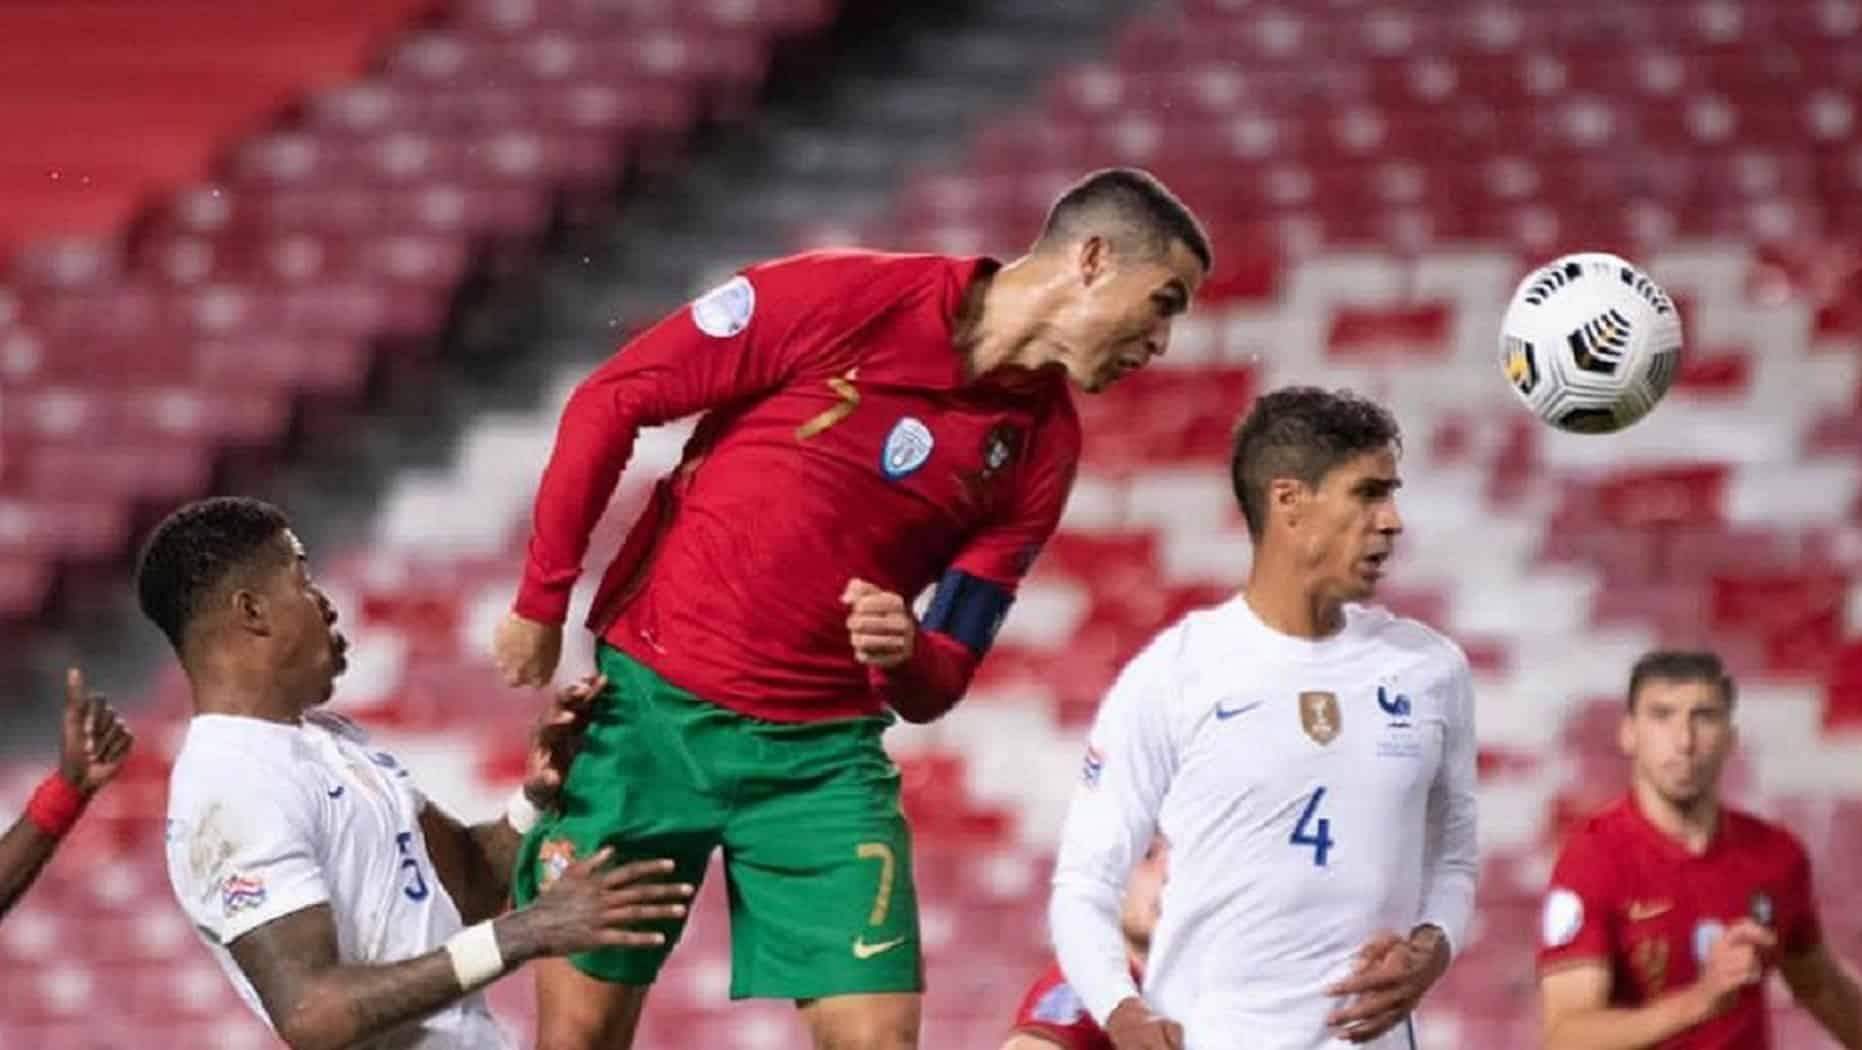 Taça Das Nações Cristiano Ronaldo Seleção Portuguesa